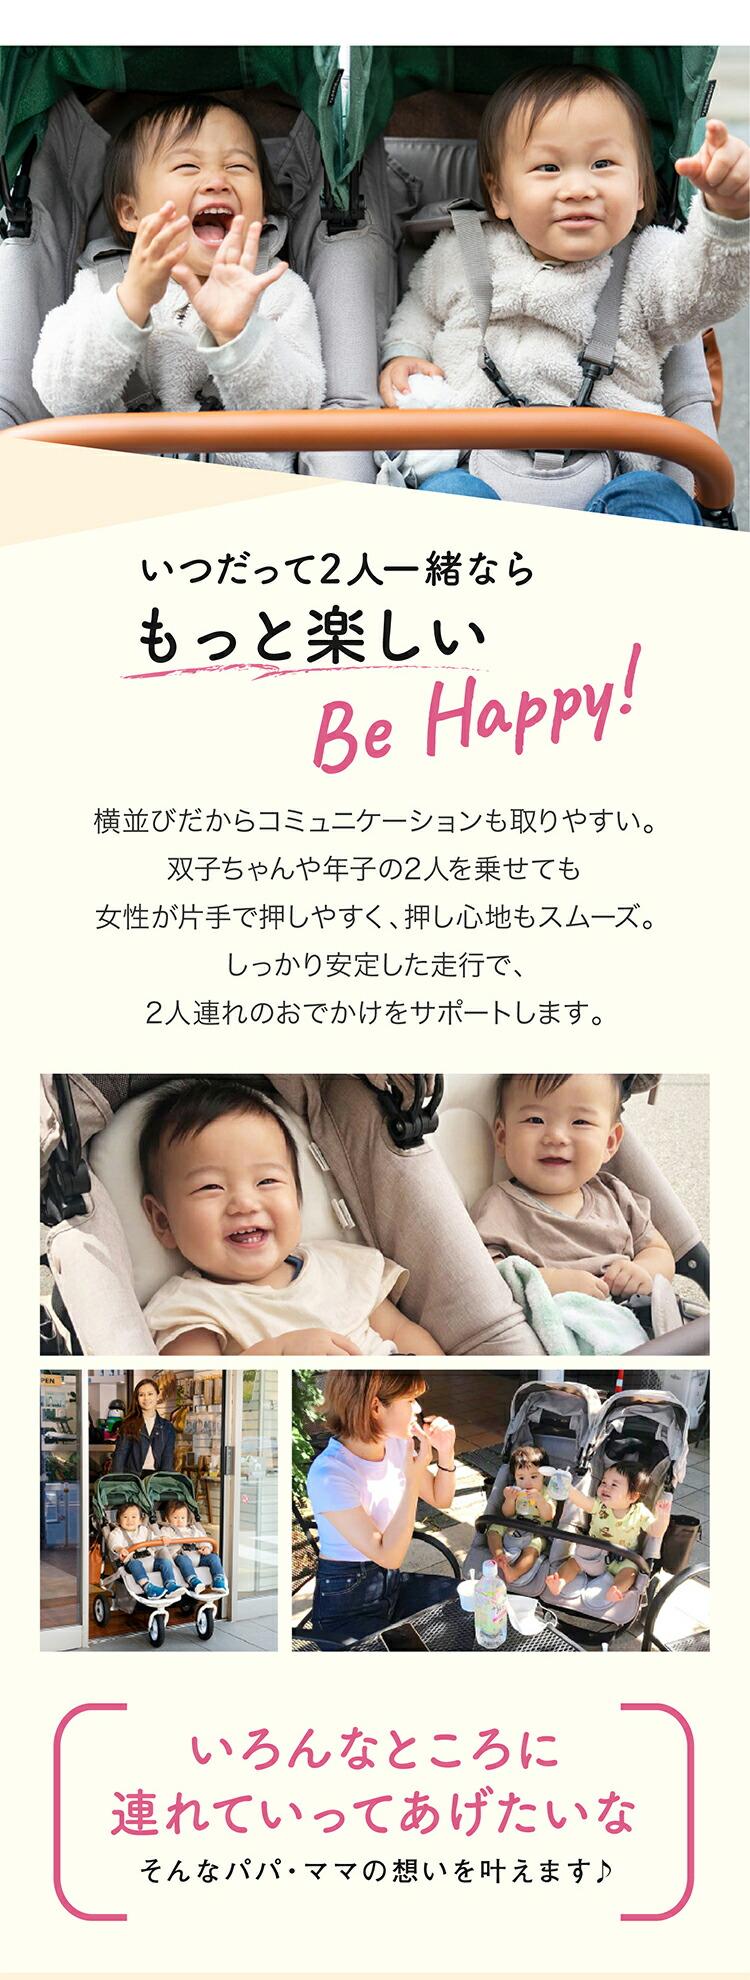 新生児から使える双子用ベビーカーエアバギー「フロムバース ダブル」の商品ページ2